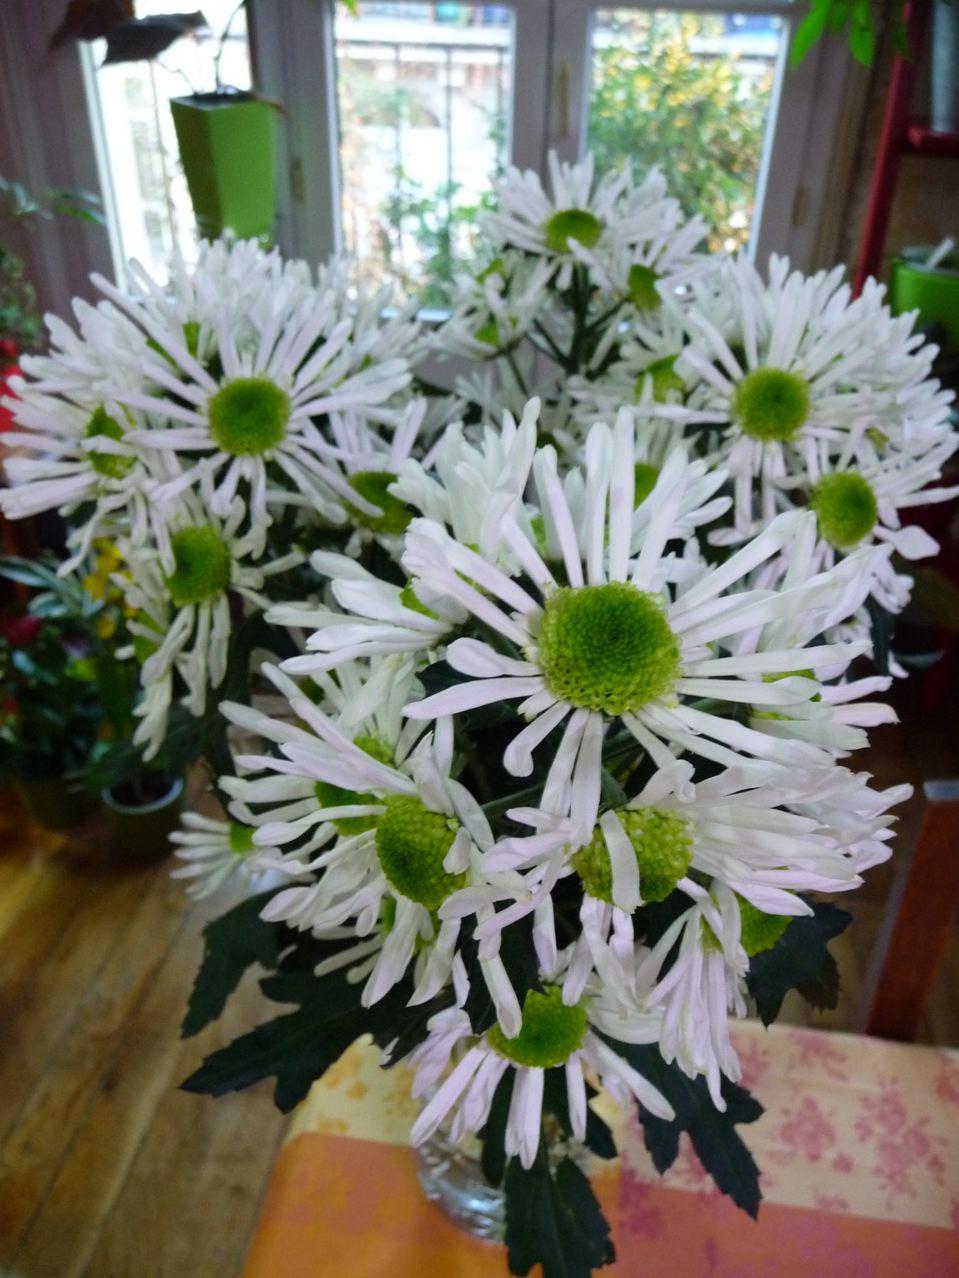 Fleurs coupées : chrysanthème blanc et vert